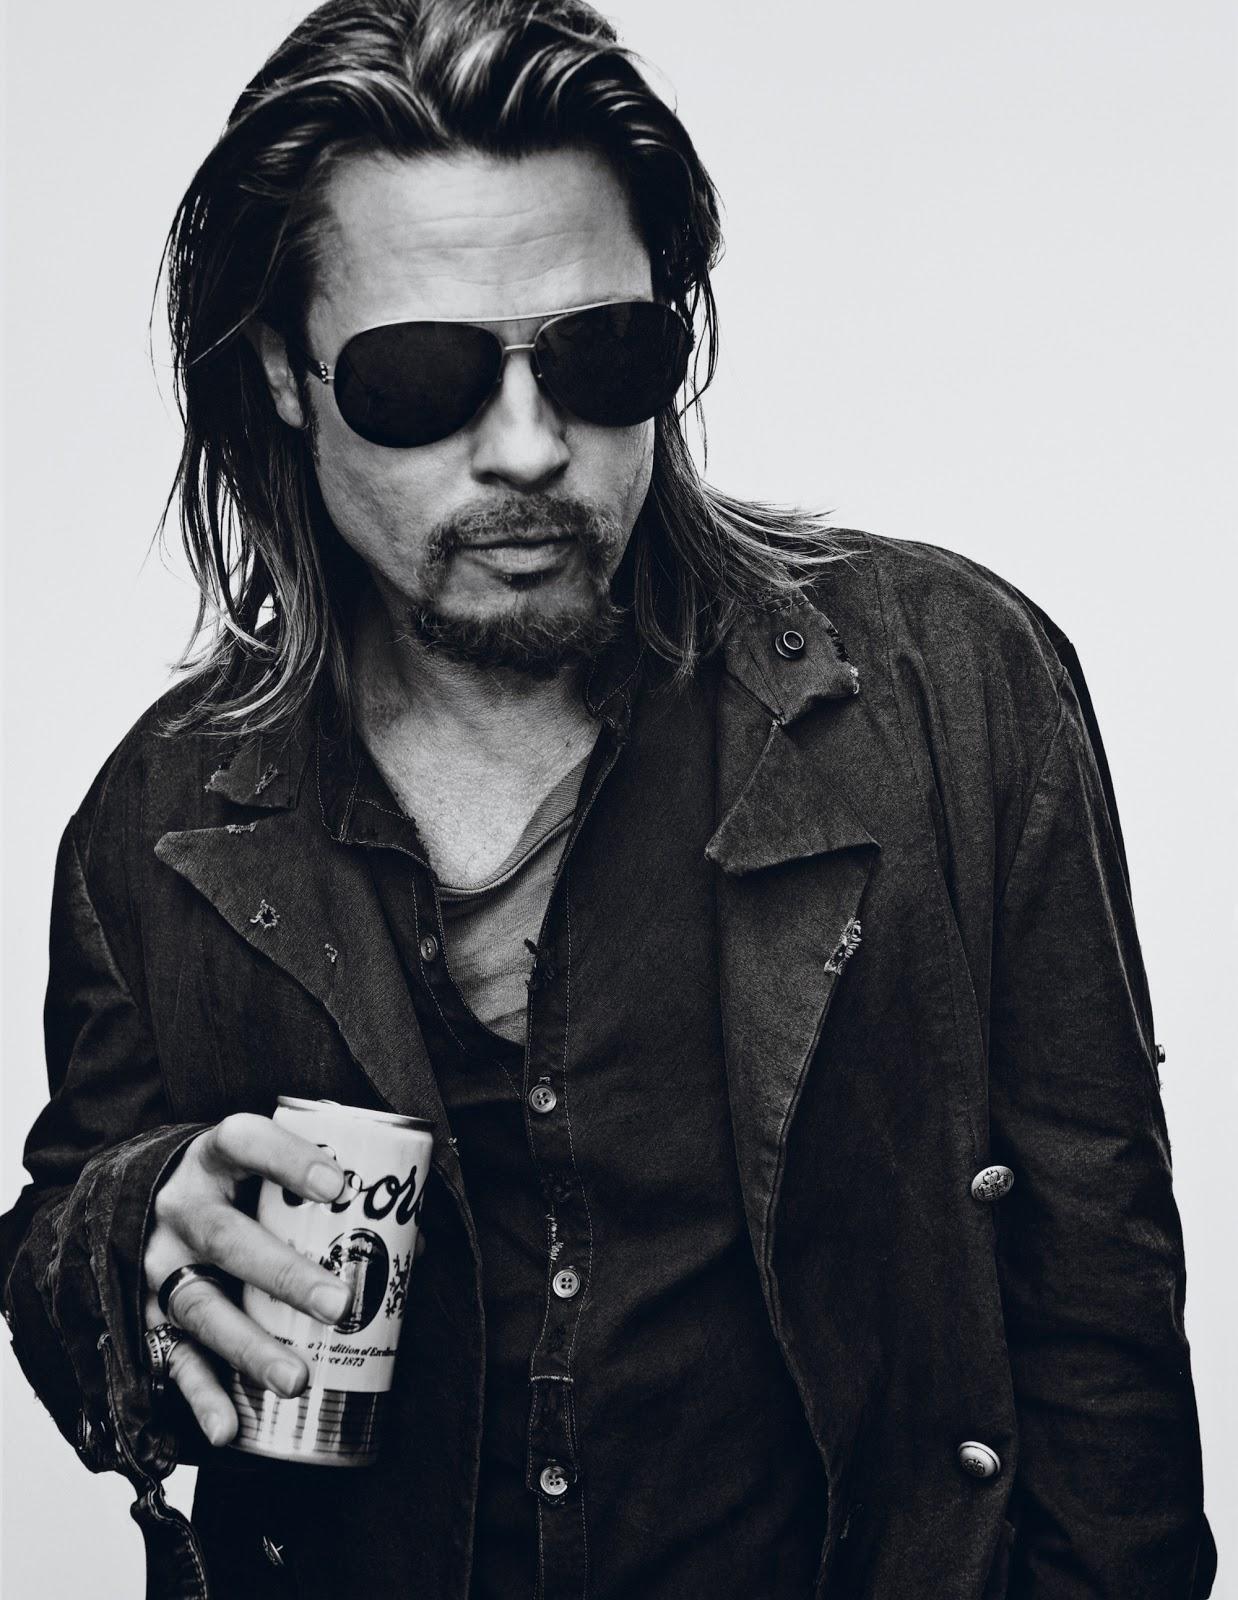 http://1.bp.blogspot.com/-3Eq2JCBKBFM/UHWMEc9cR2I/AAAAAAAA7dU/EwqzAY2w4xs/s1600/Brad-Pitt-by-Steven-Klein-for-Interview-Magazine-13.jpg